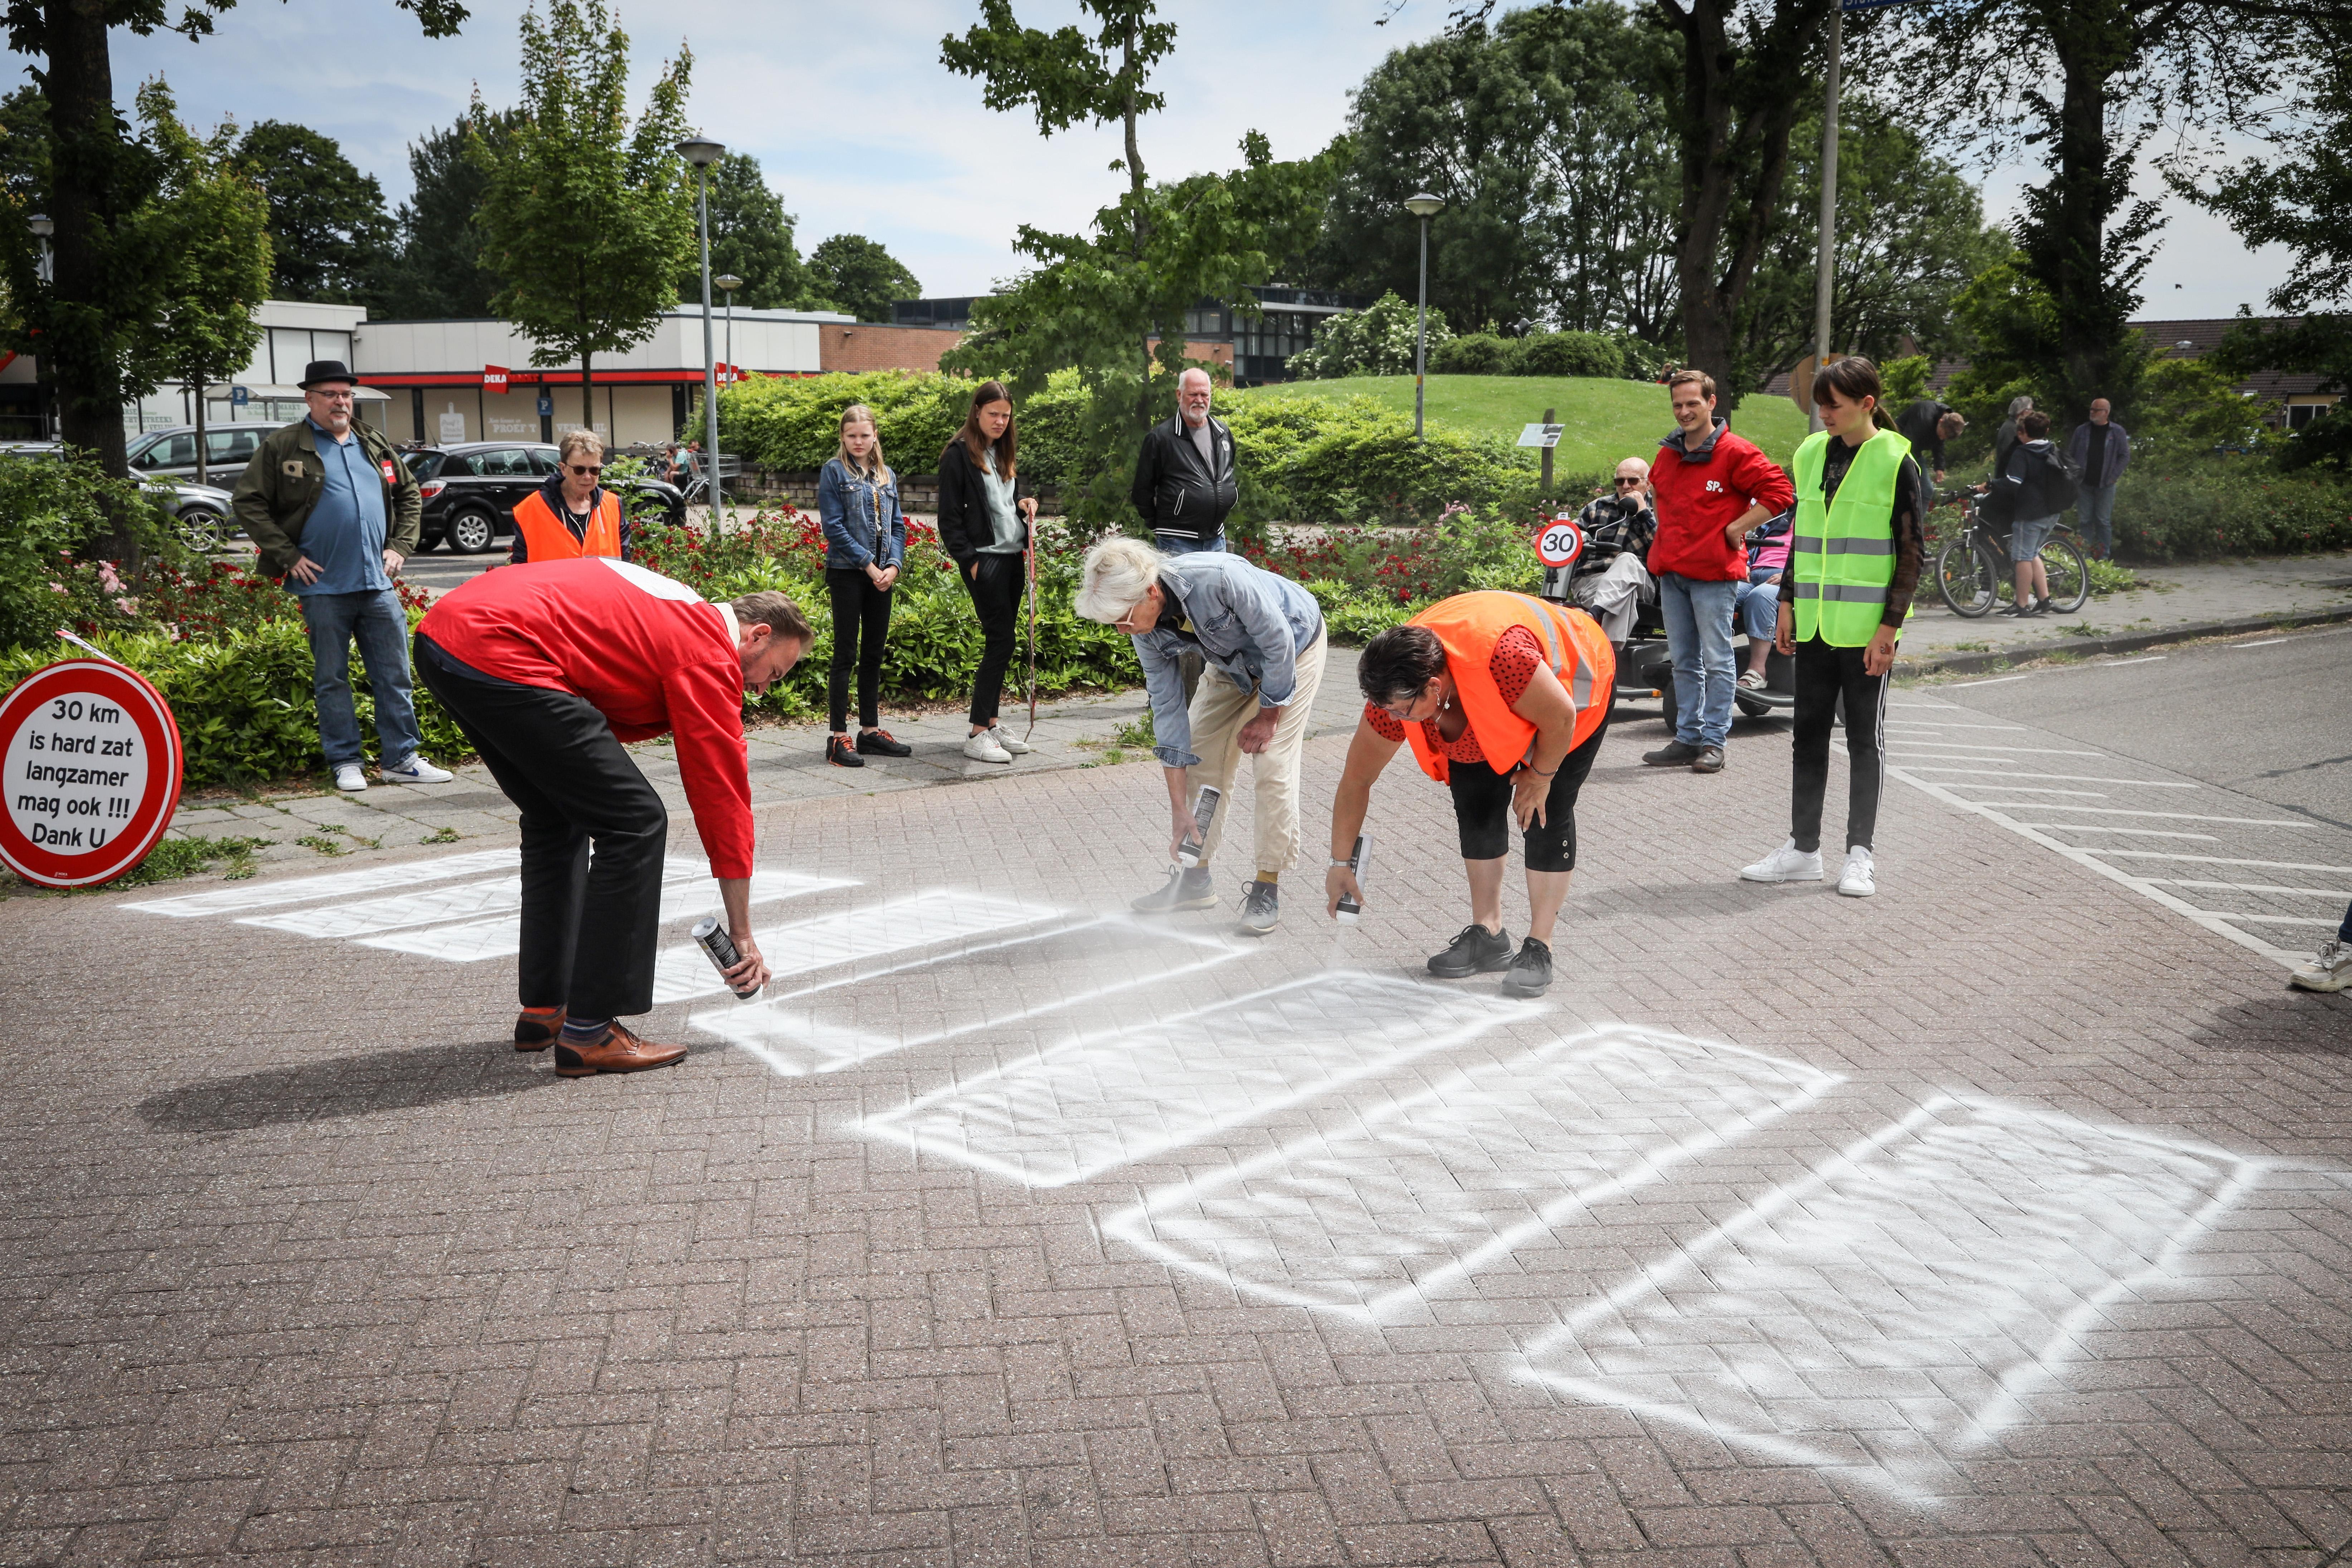 Doe-het-zelf zebrapad met spuitbussen: bewoners Overstort eisen veiligheid